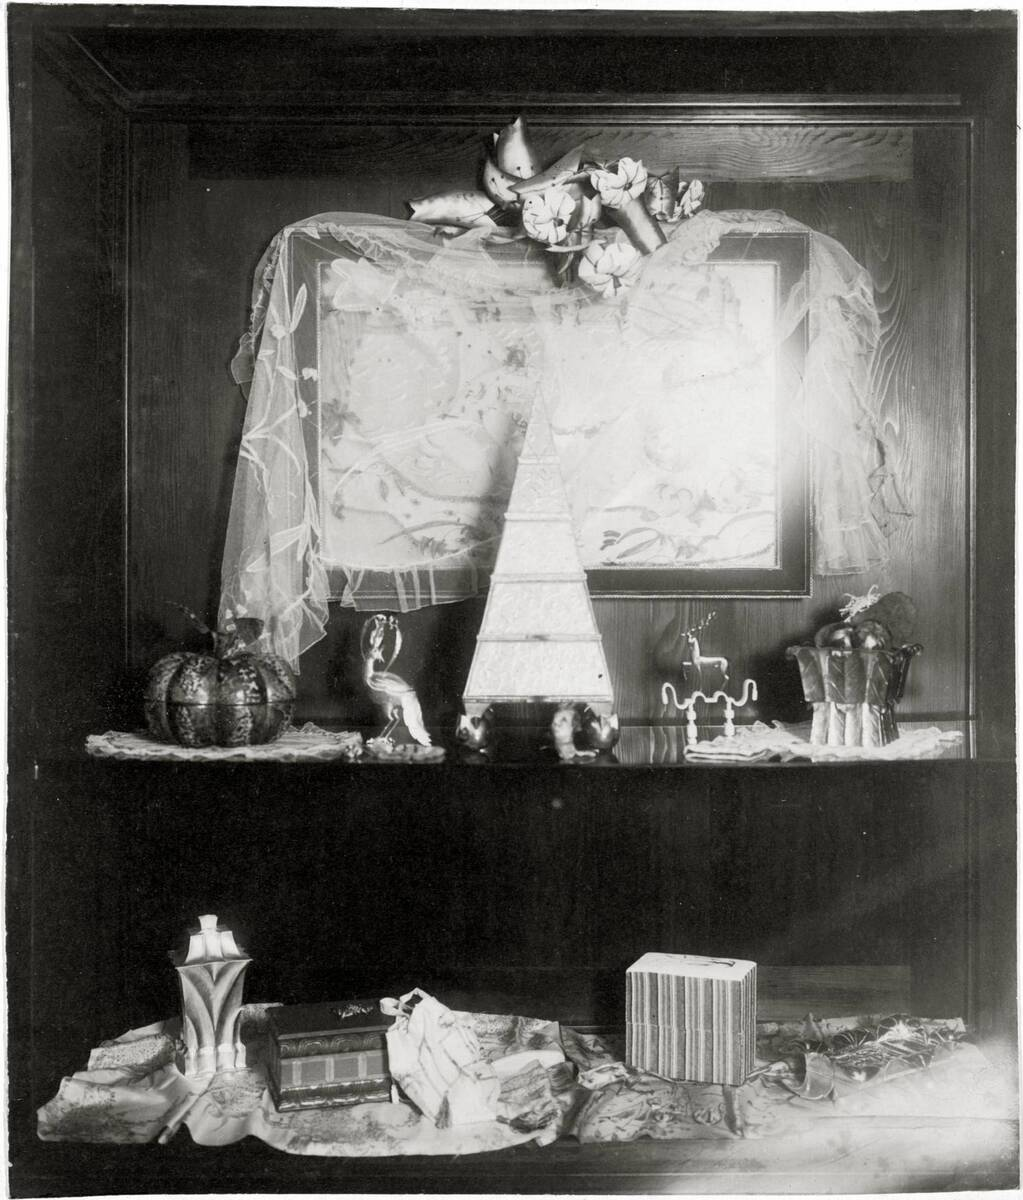 """Vitrine im Peche-Raum der Kunstschau 1920 im Österreichischen Museum für Kunst und Industrie, Wien I, Wollzeile 45 (heute Weiskirchnerstraße 3), obere Reihe von links: """"Kürbis"""" Dose, """"Vogel"""", """"Schachtelpyramide"""", """"Aufsatz mit Hirsch"""", """"Dose"""" Schmuckkassette von Peche, Dagobert"""